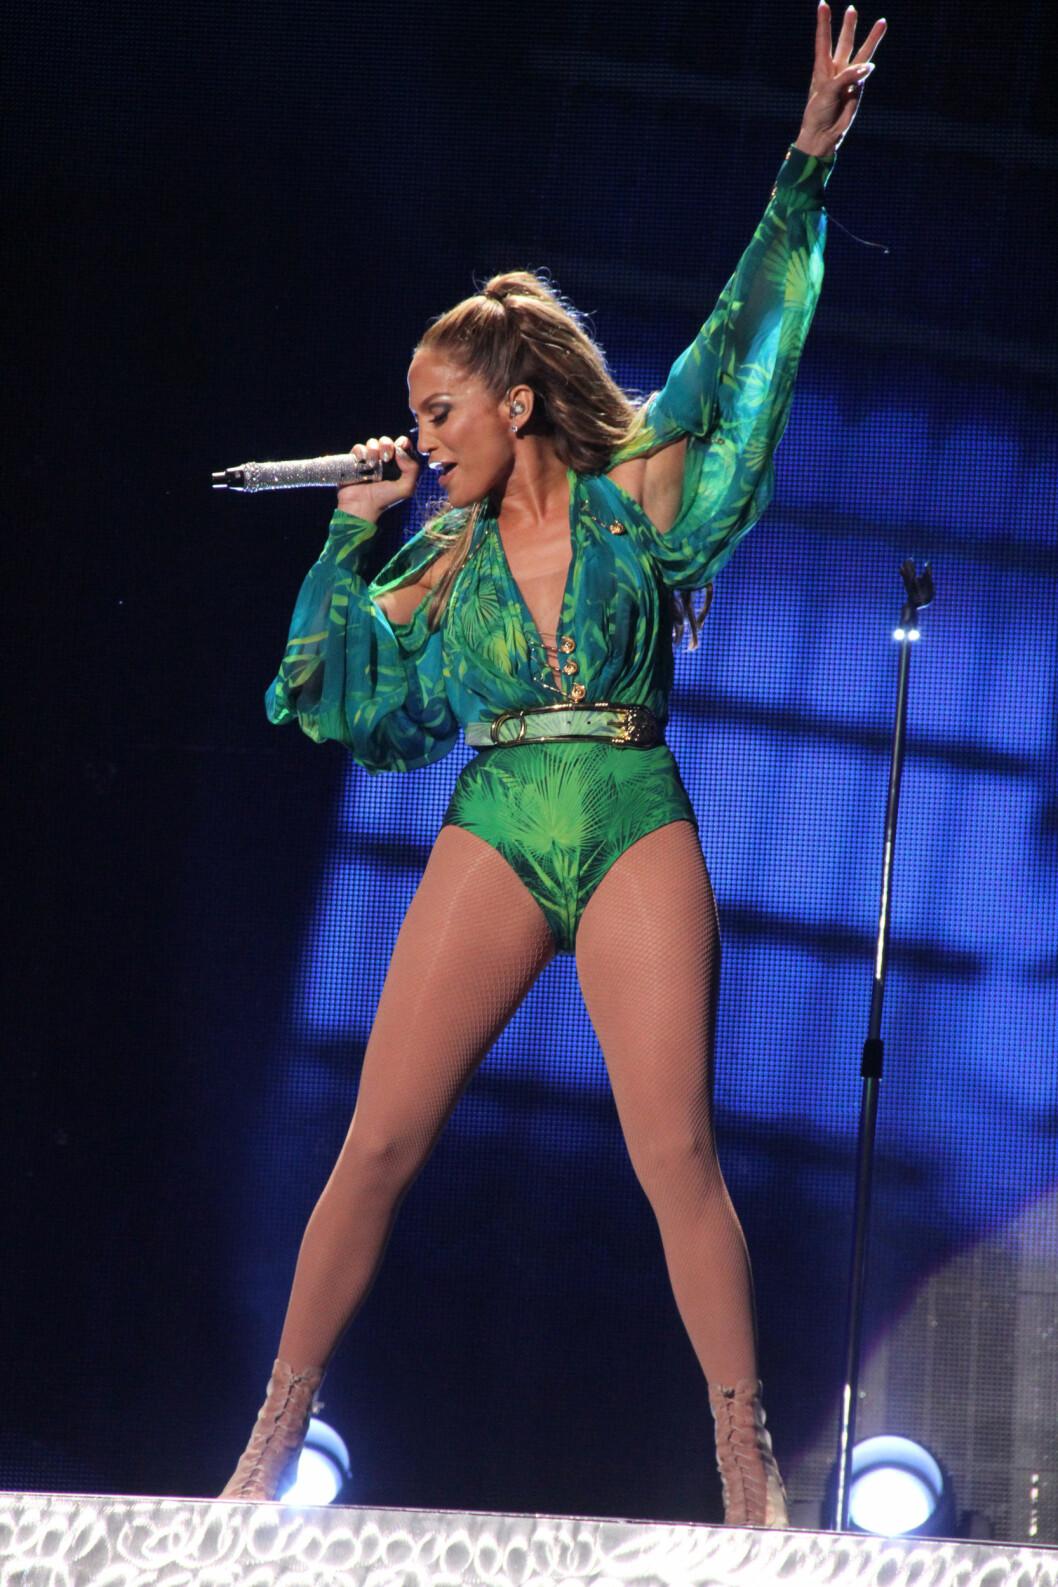 ENDA FREKKERE: Jennifer Lopez gjorde sceneantrekket enda frekkere ved å kaste skjørtet og kun stå igjen med en body. Foto: All Over Press